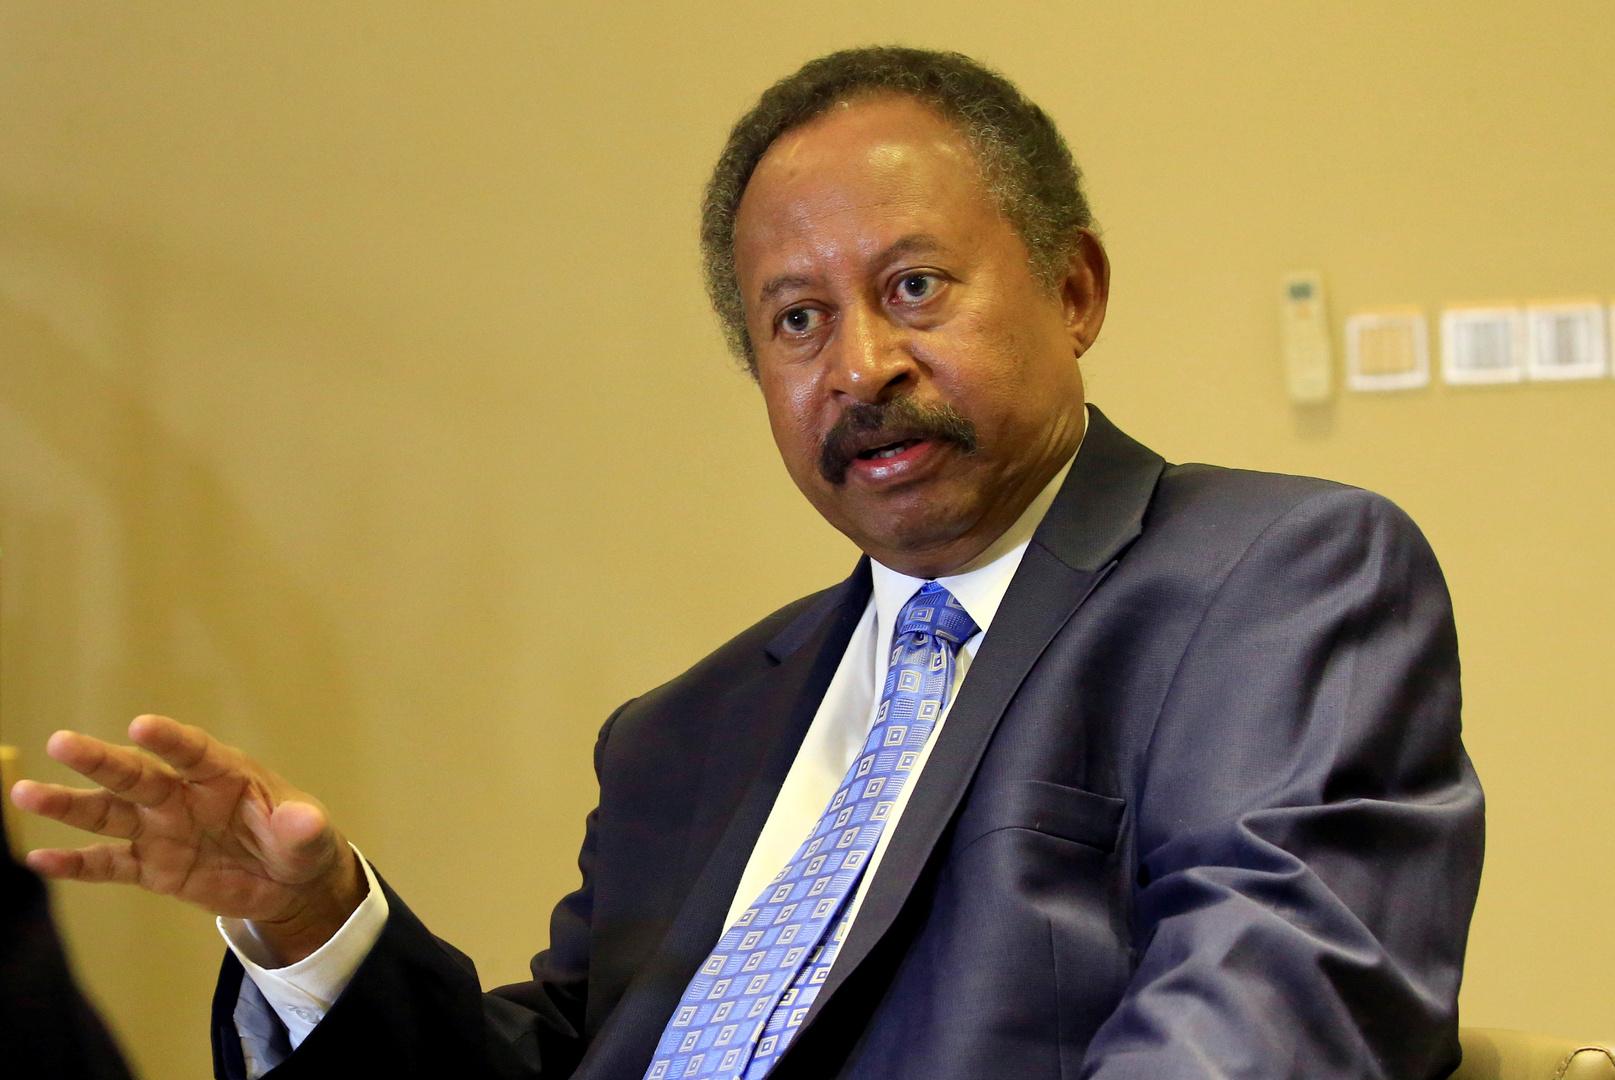 أمريكا لا تصرّ على مطالبة السودان بـ 11 مليار دولار